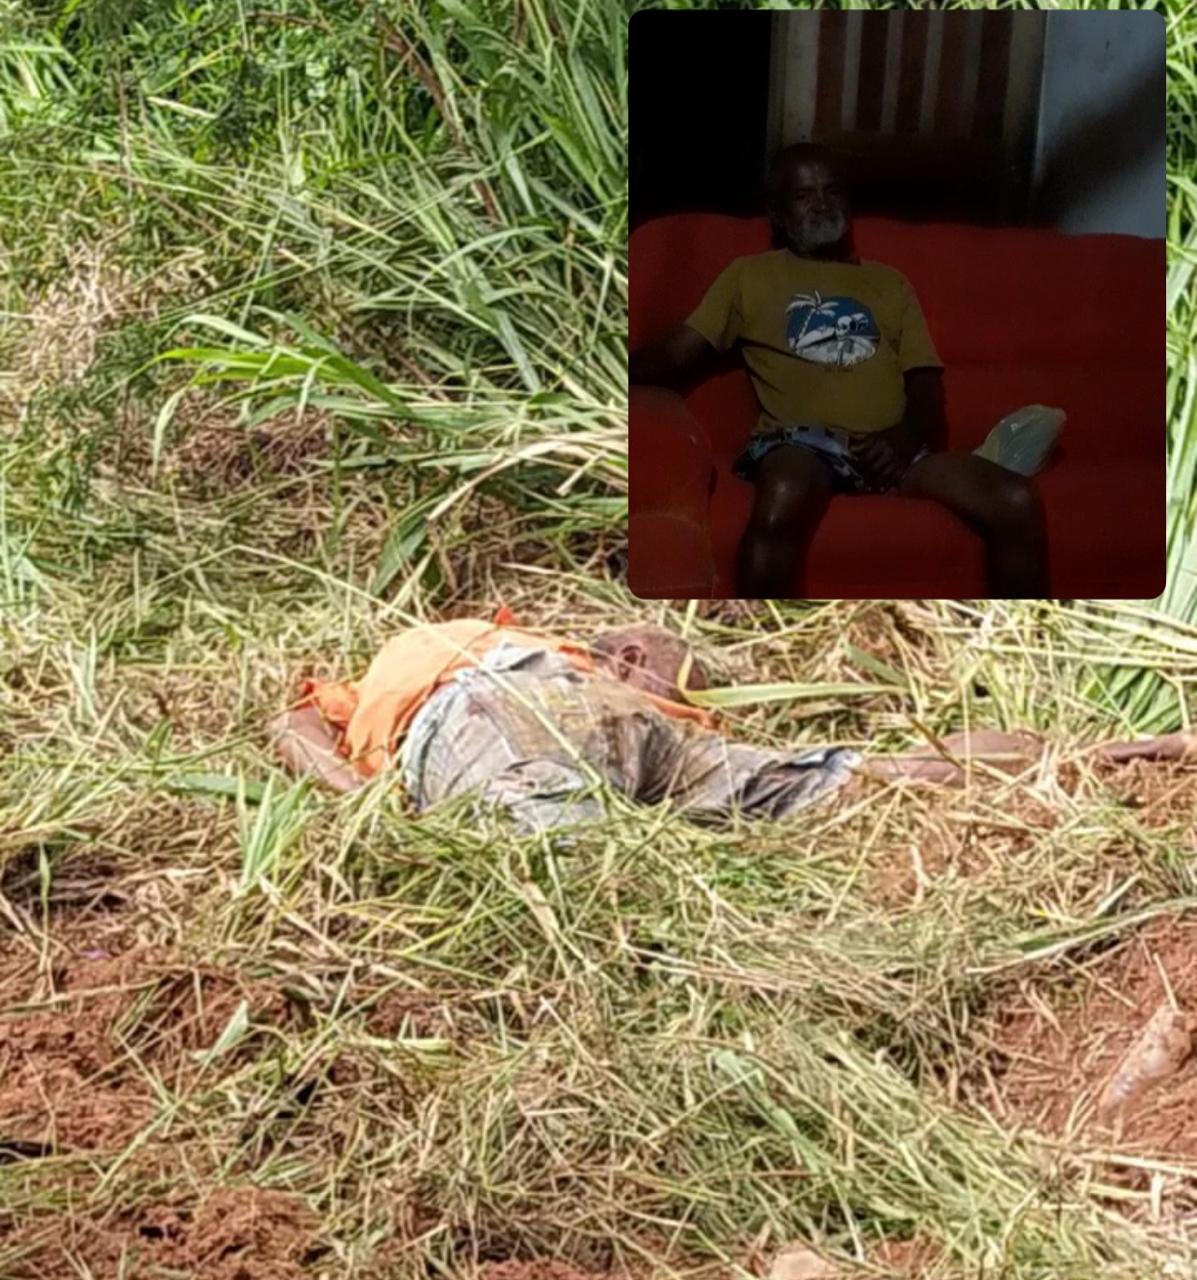 Andarilho morre atropelado na Zona Rural de Coração de Maria e motorista foge sem prestar socorro.